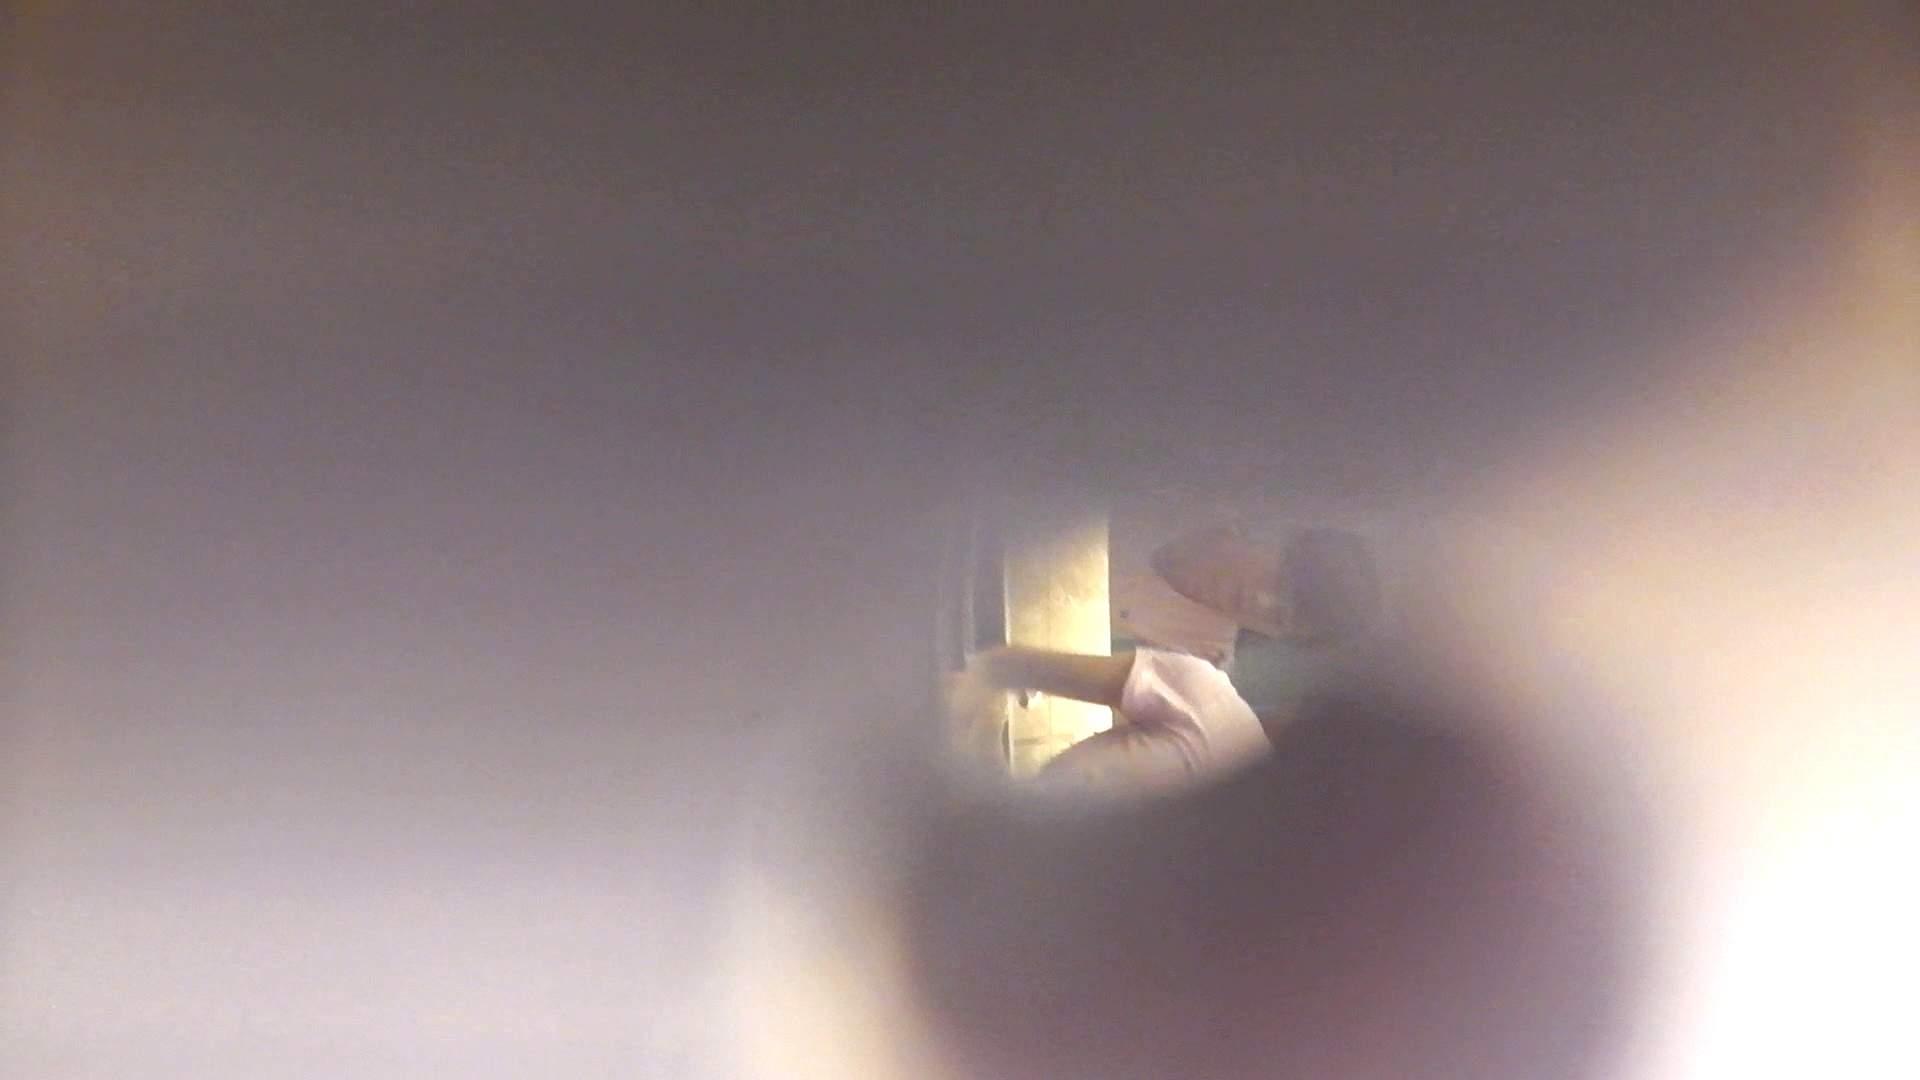 阿国ちゃんの「和式洋式七変化」No.4 洗面所  97pic 84